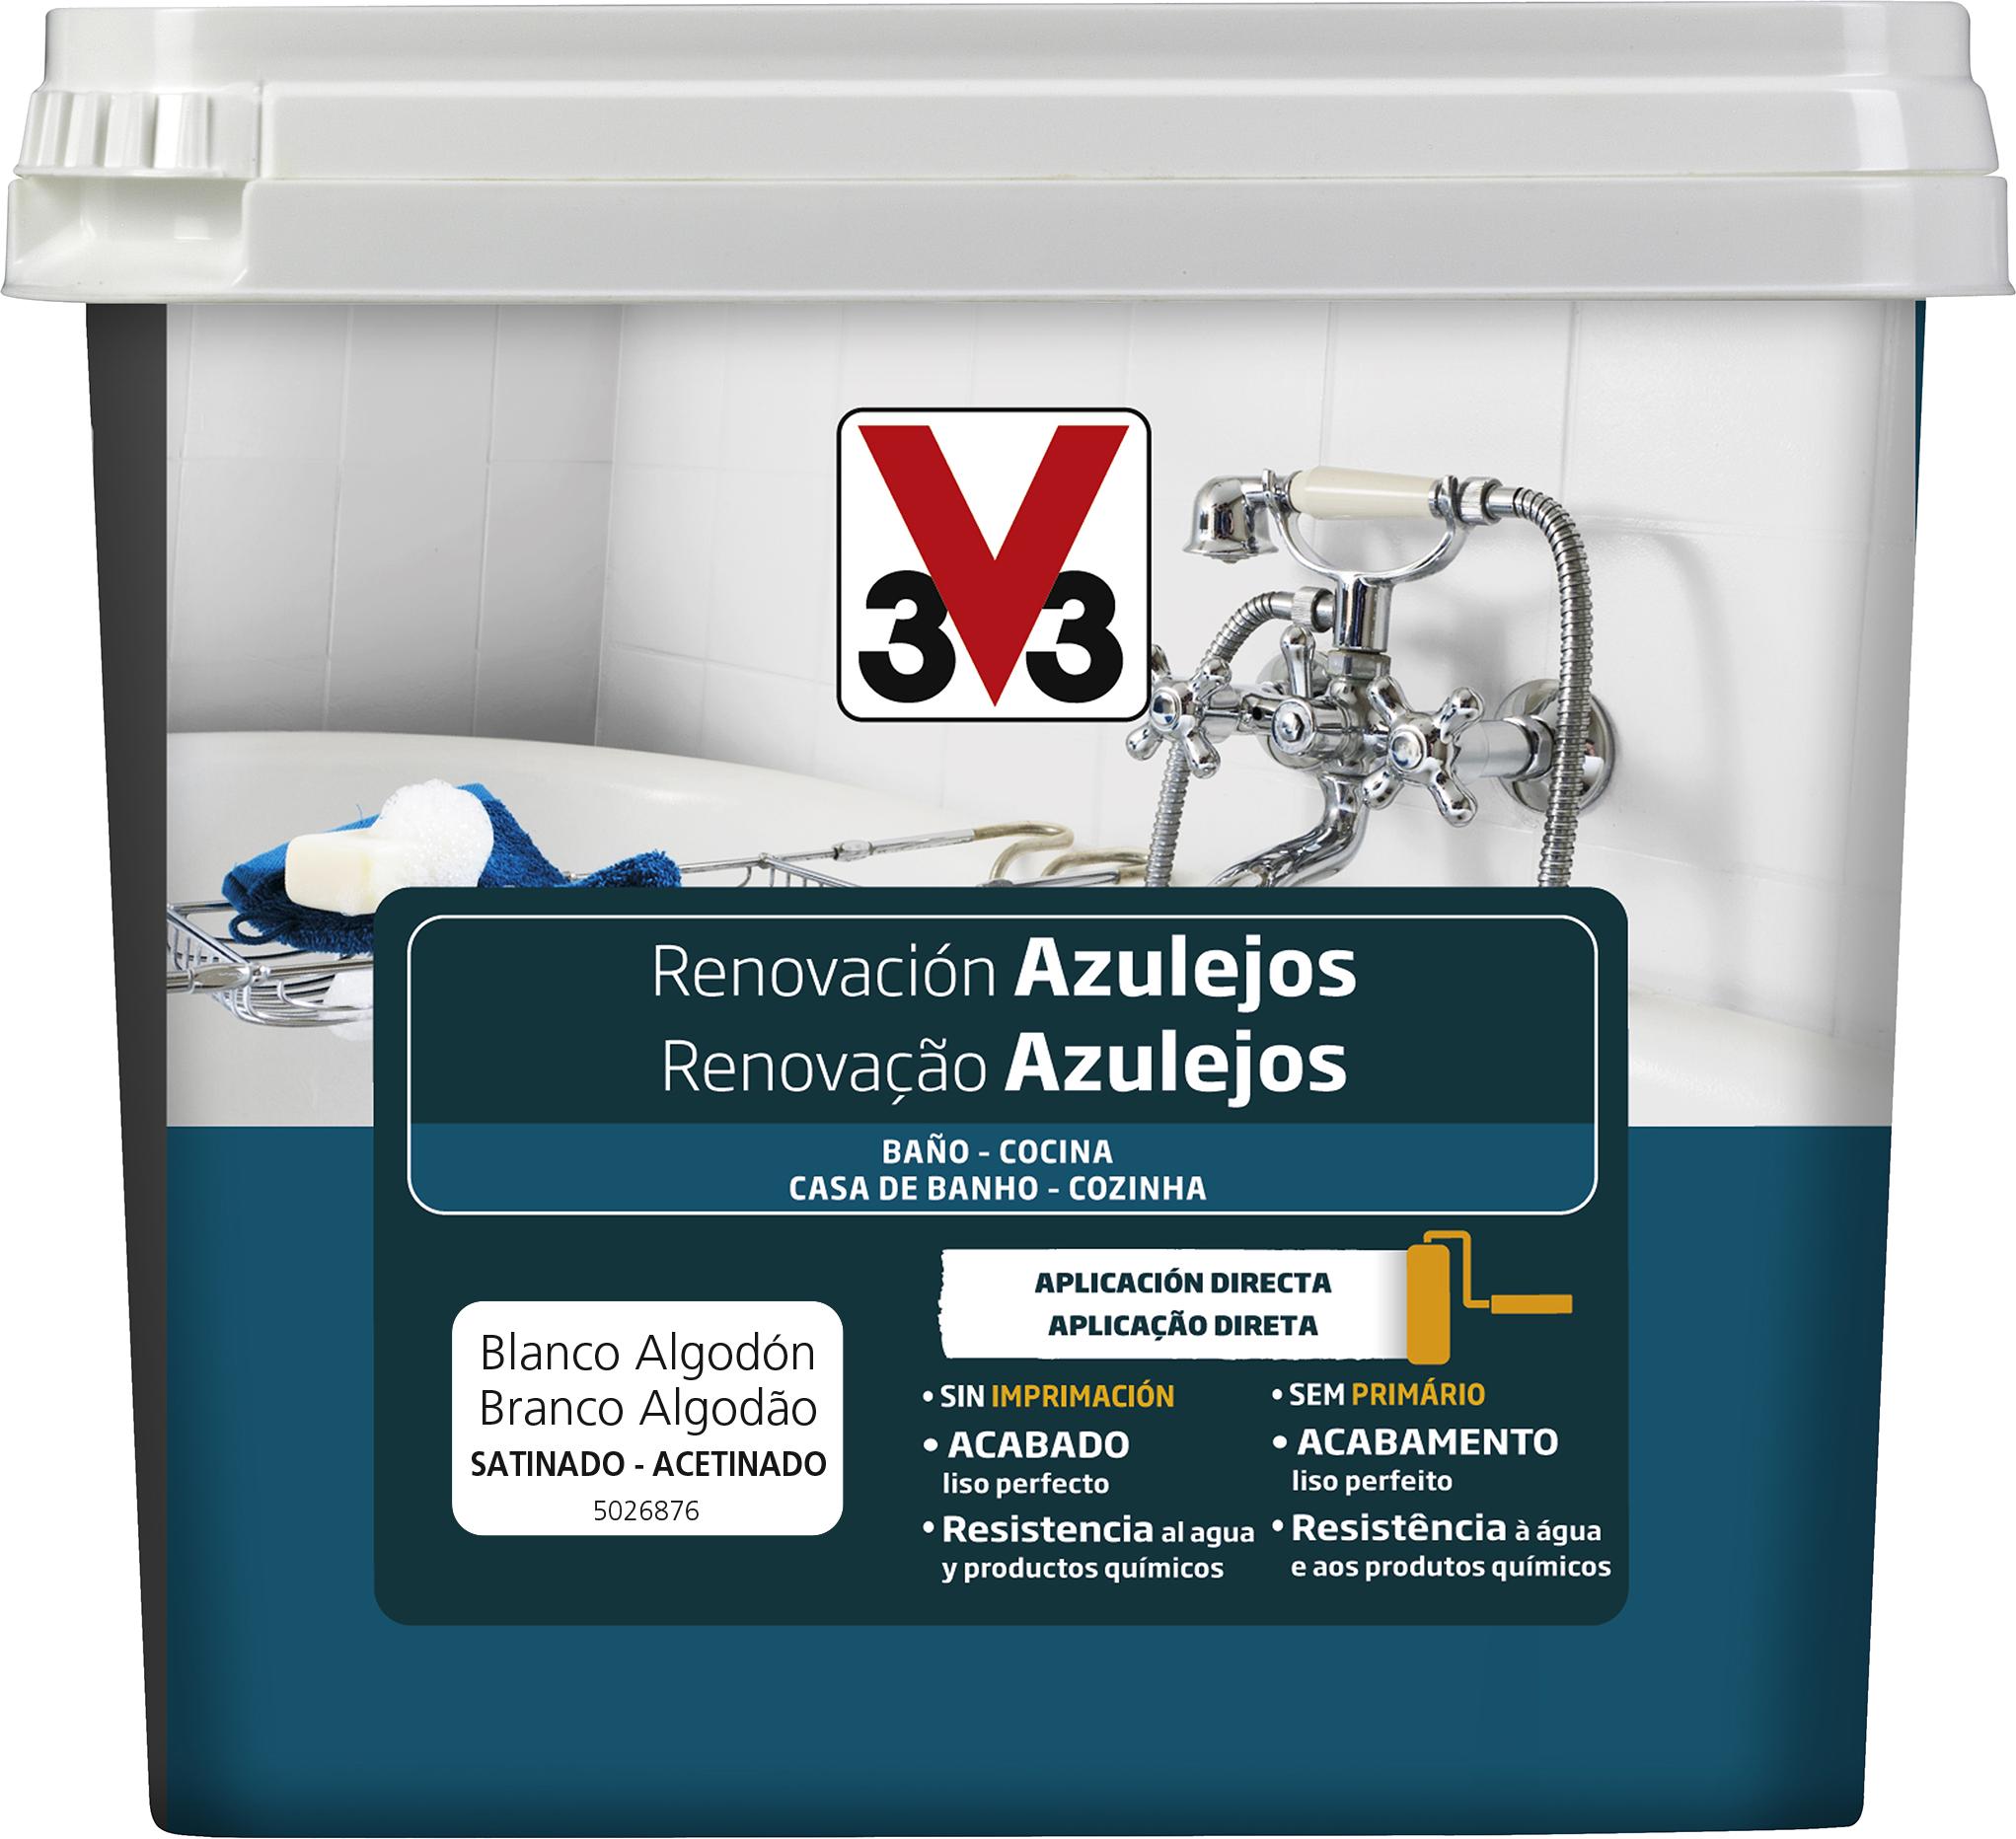 Esmalte Renovaci N Azulejos V33 Para Renovar Los Azulejos Bloques  # Muebles Wimpy Jg